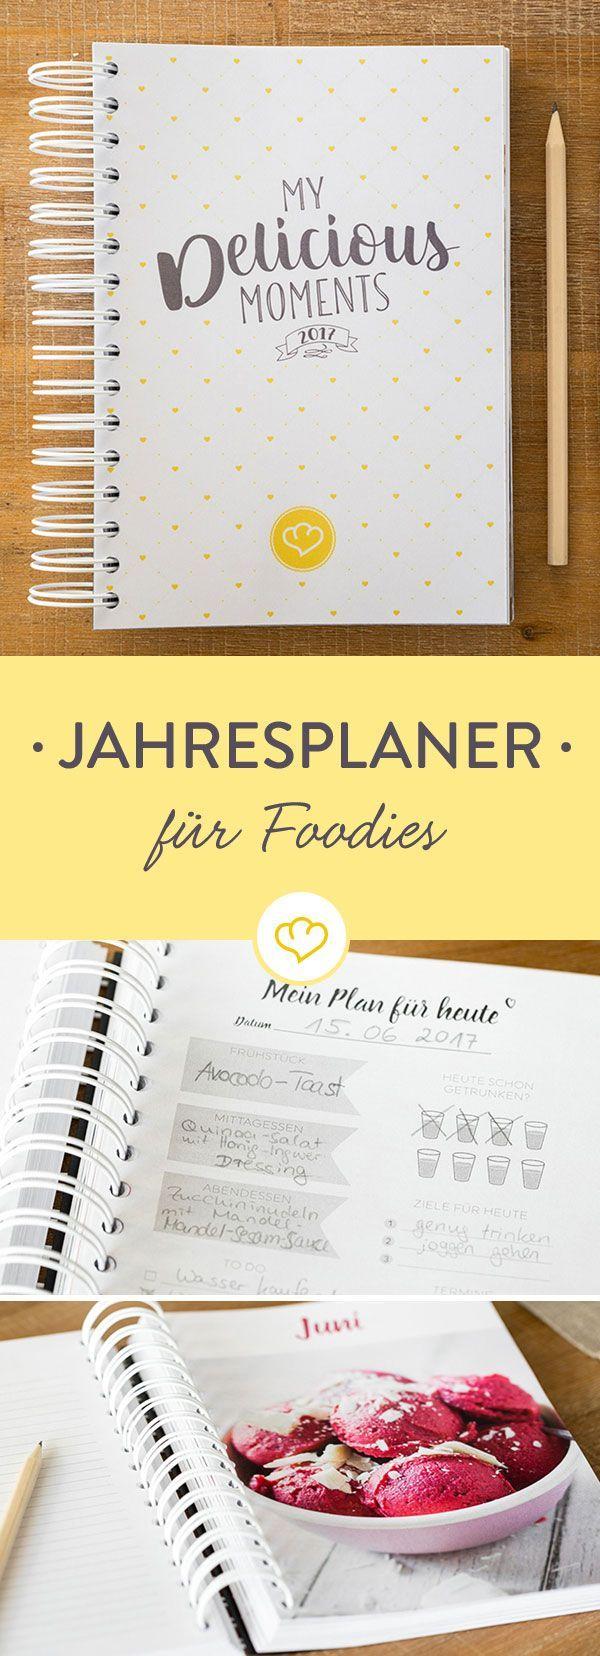 Plan deine Mahlzeiten mit dem integrierten Meal Planner!